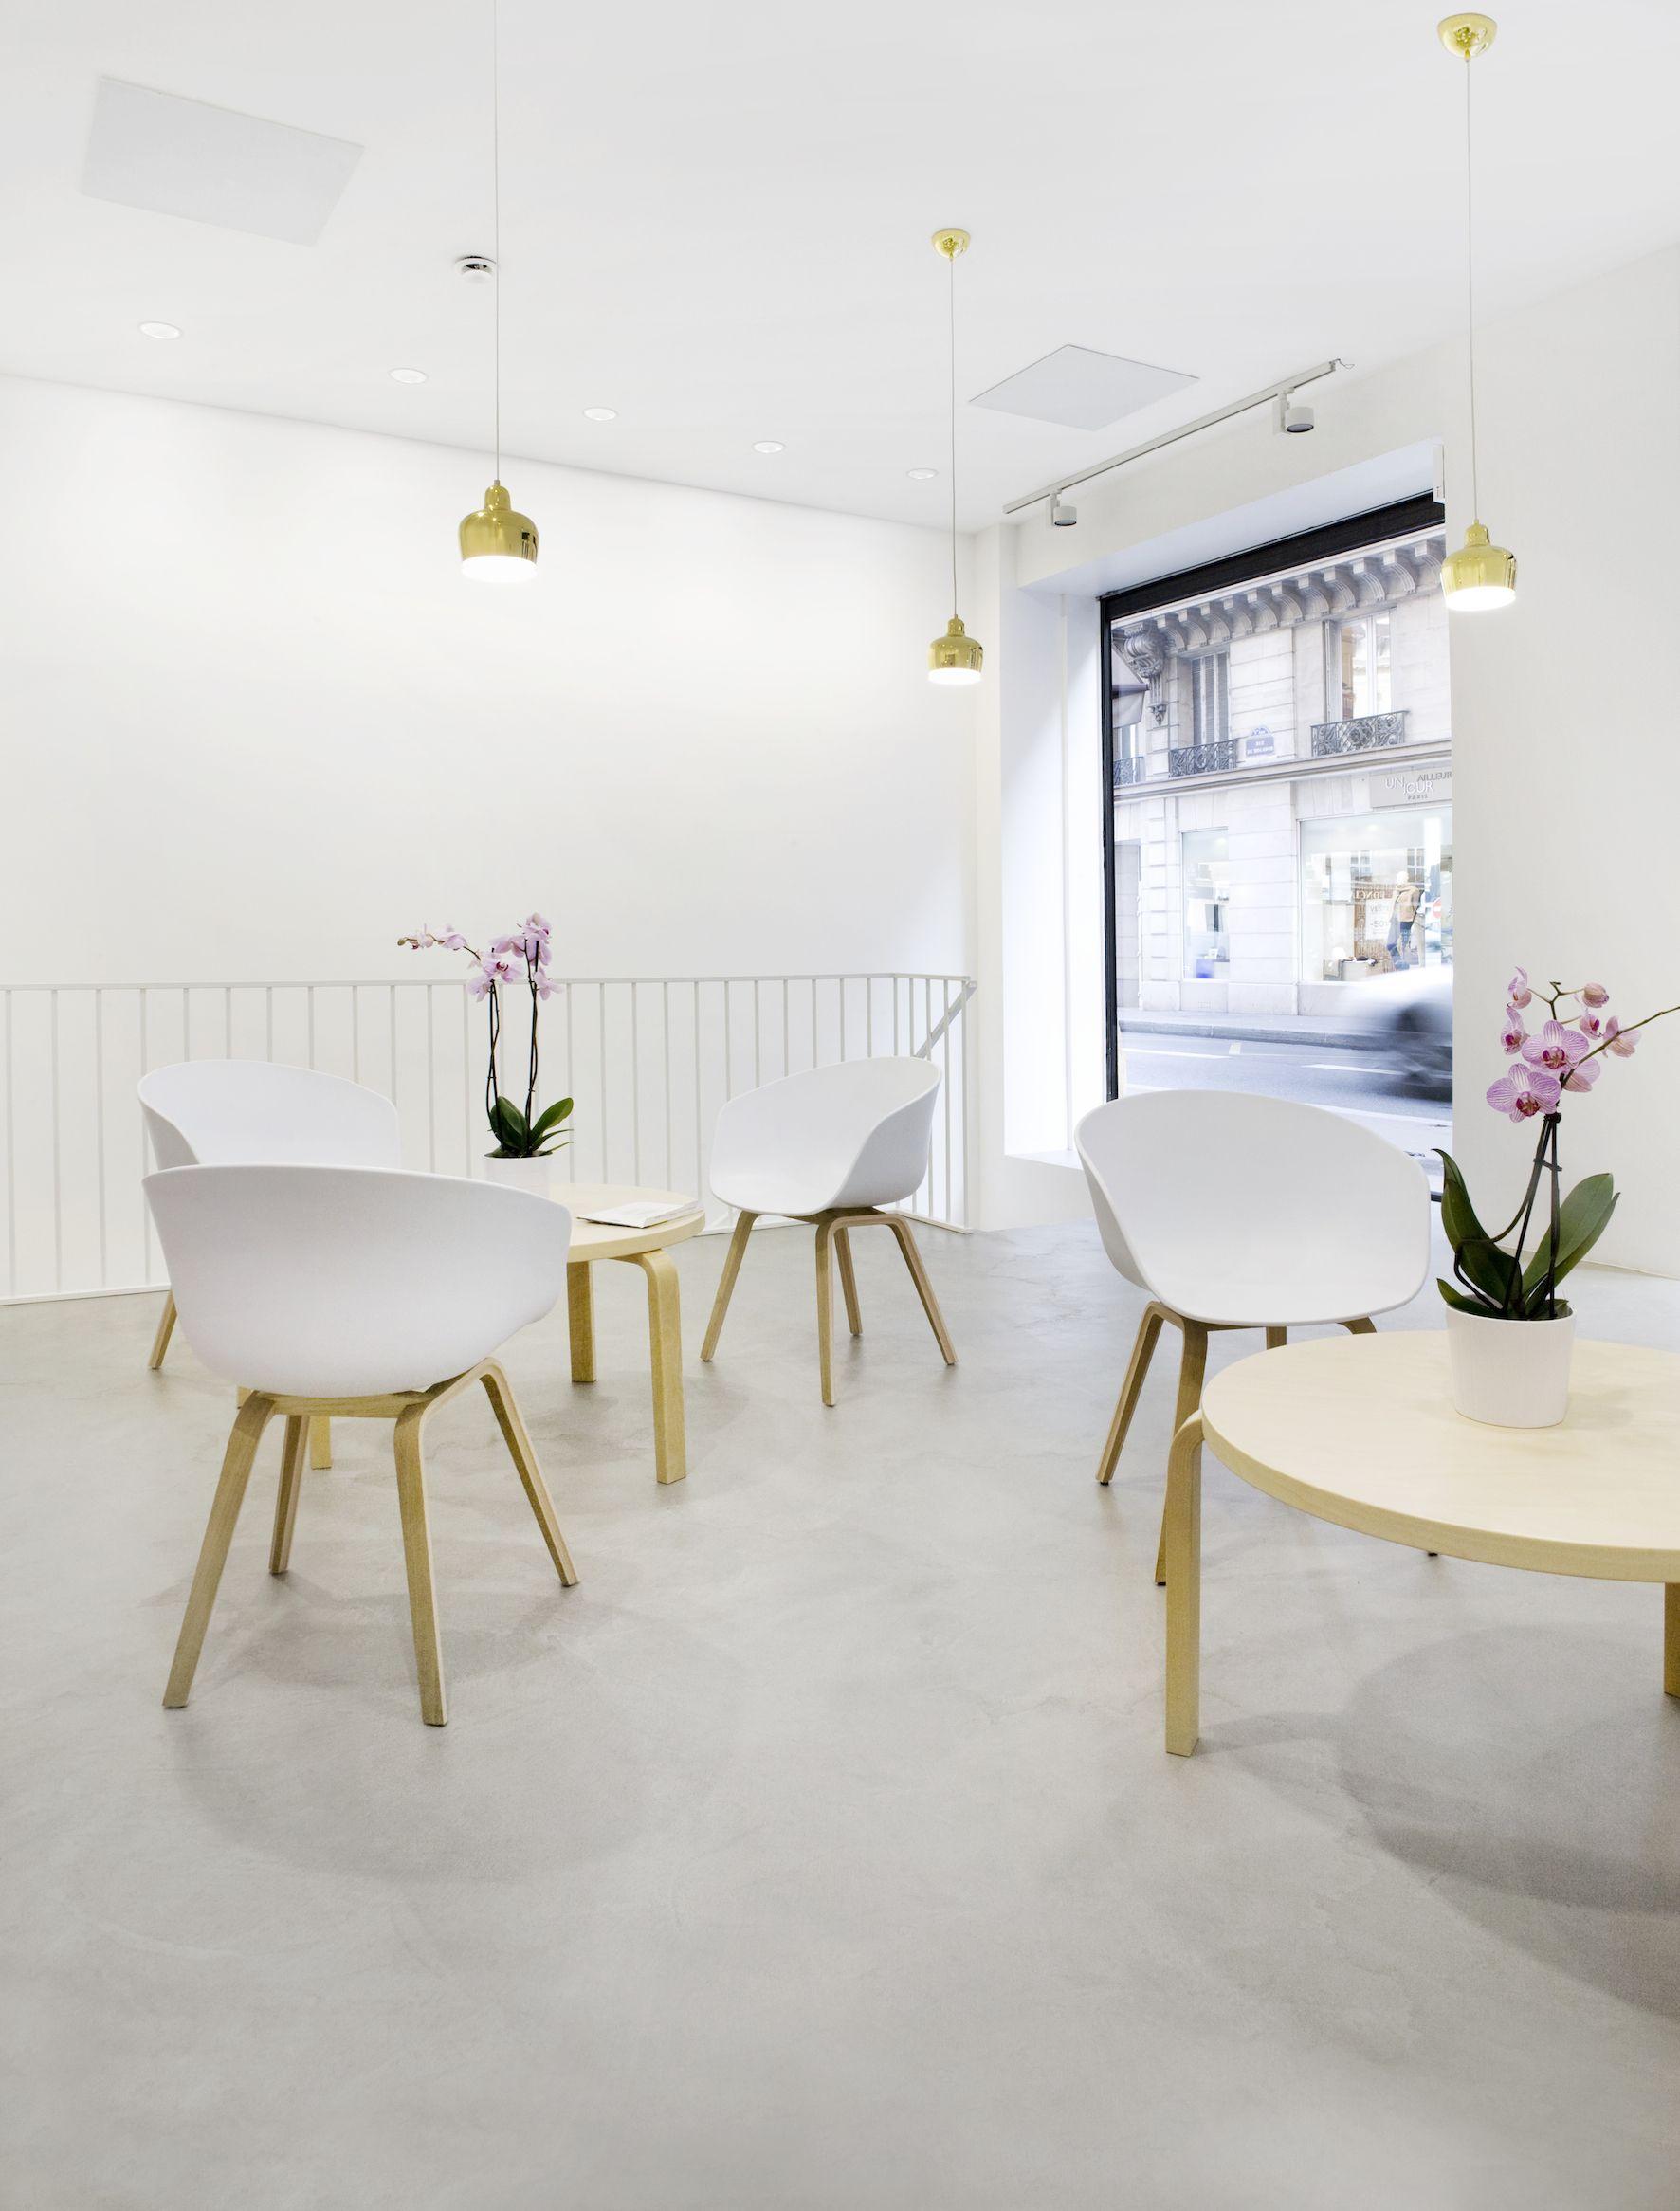 Béton ciré couleur Flanelle | Deco | Pinterest | Concrete and ...